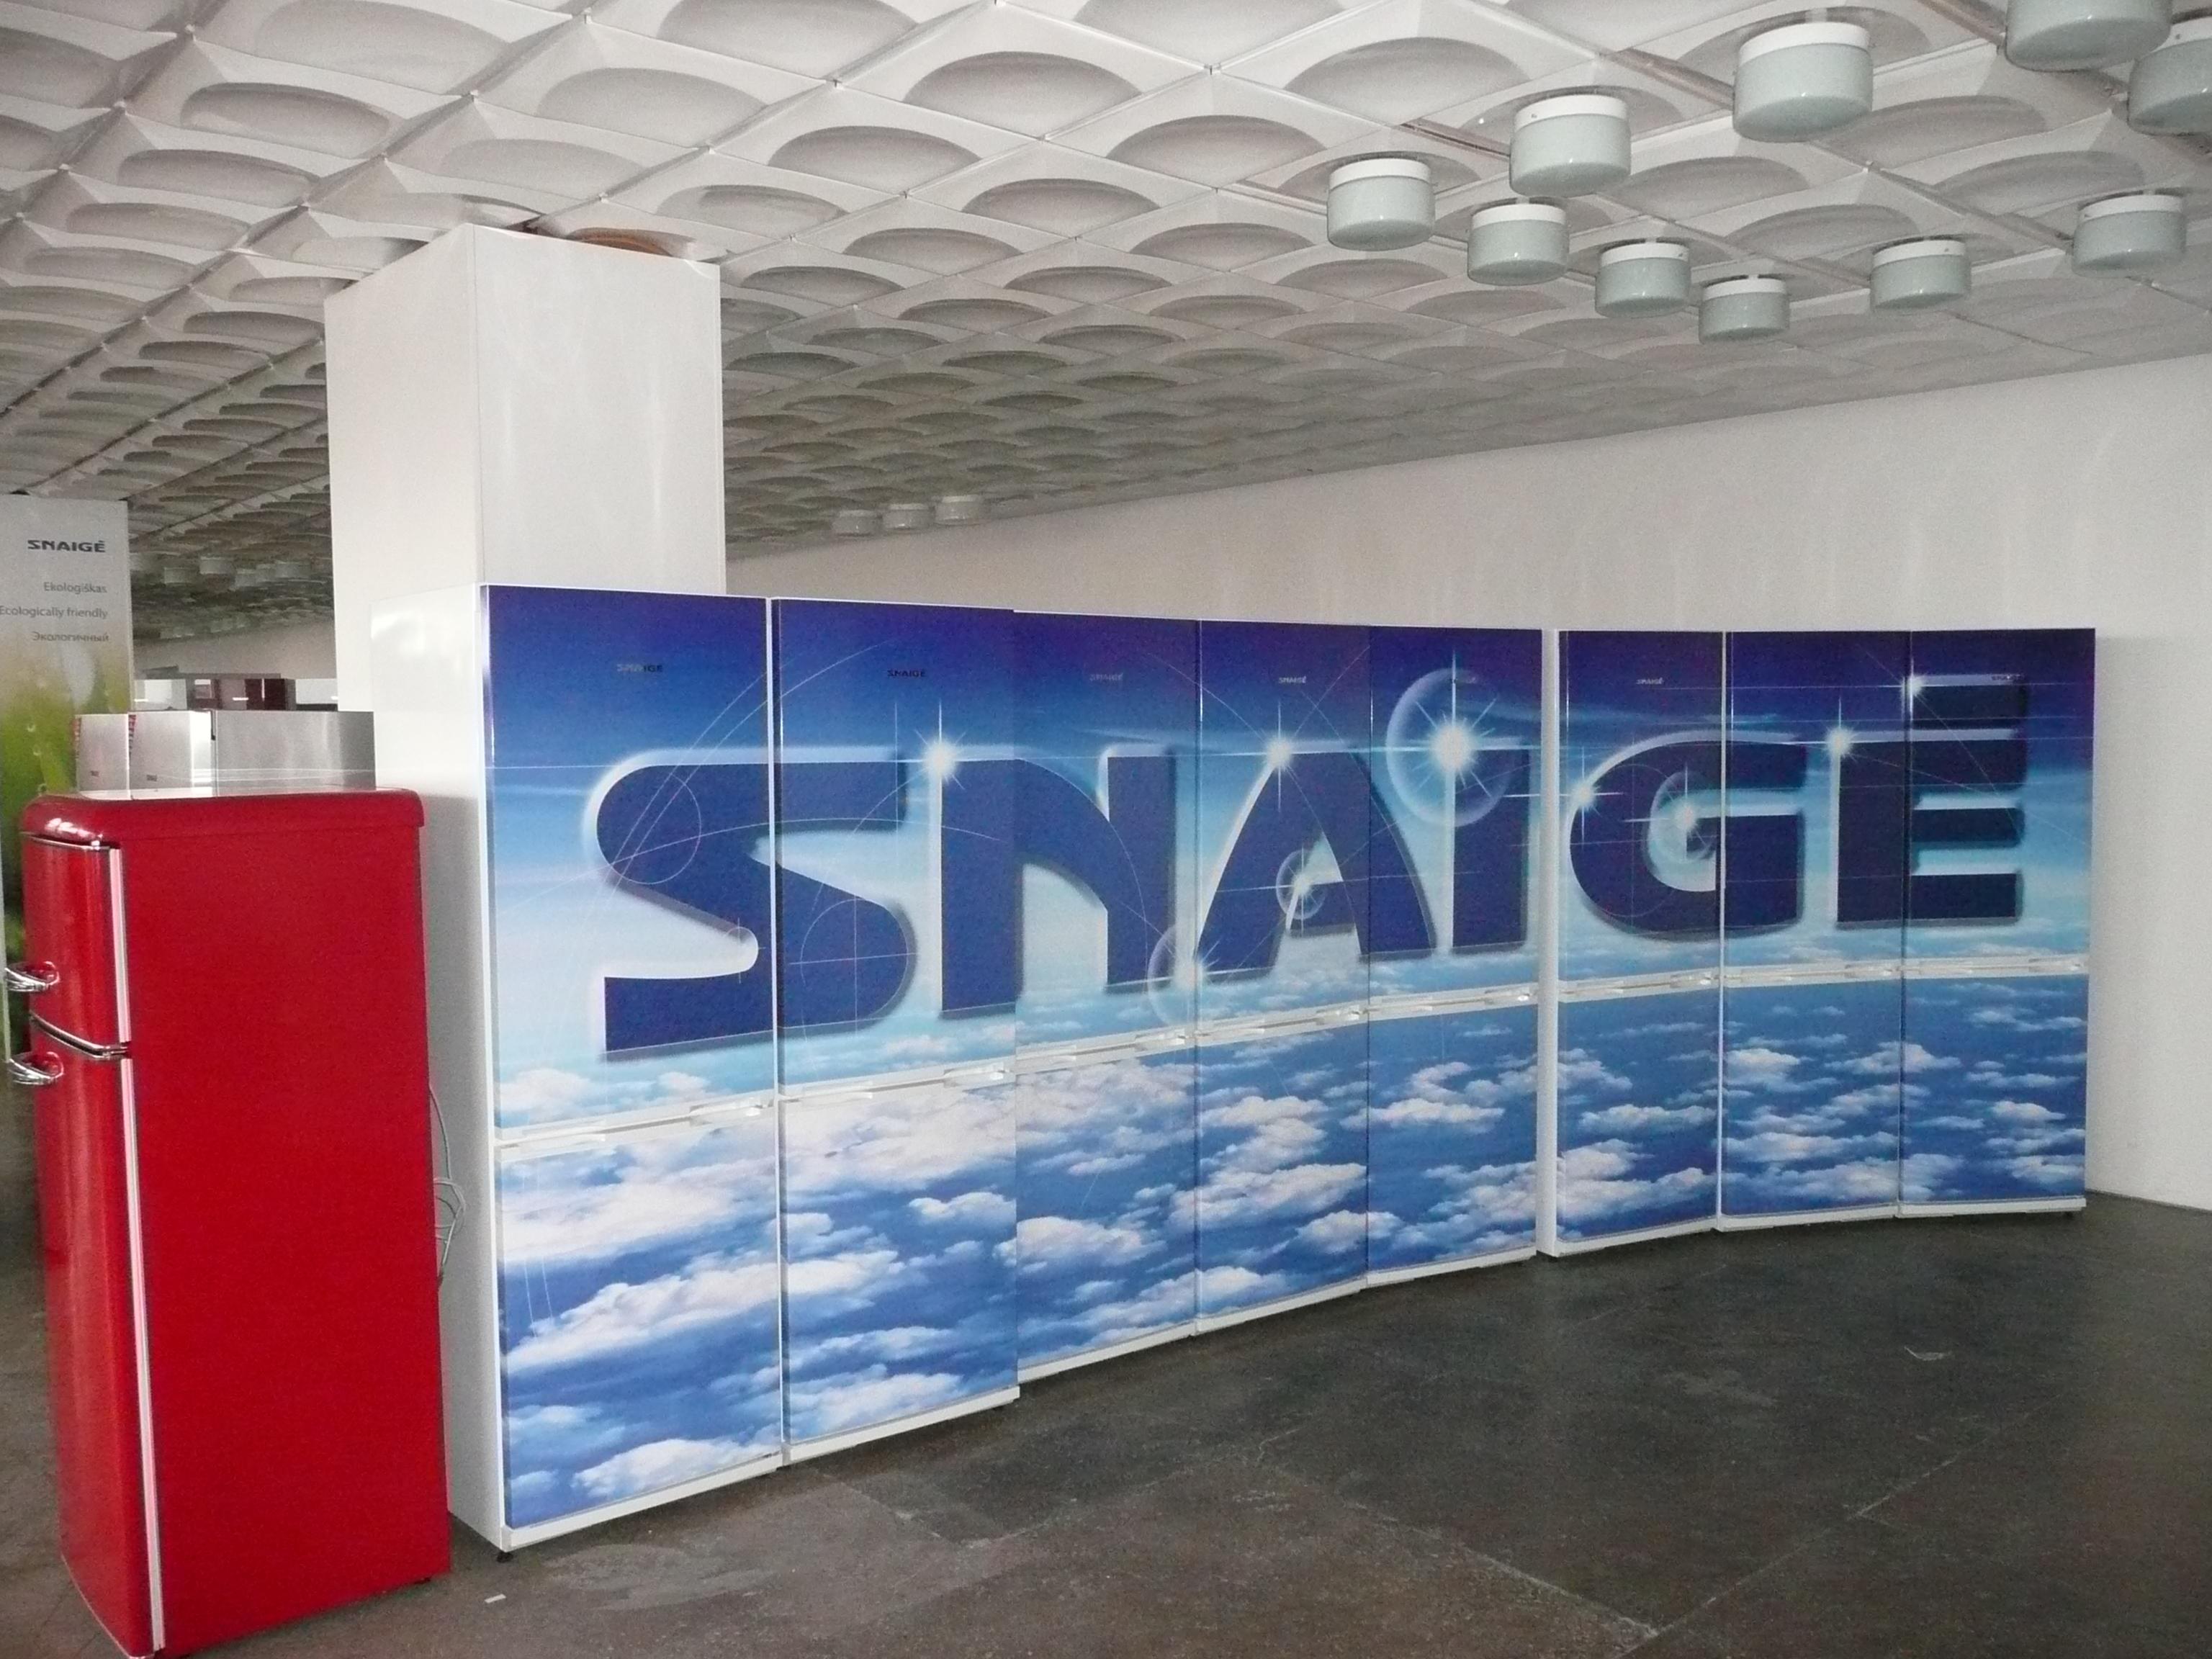 Банк Литвы решил образцово наказать производителя холодильников Snaige